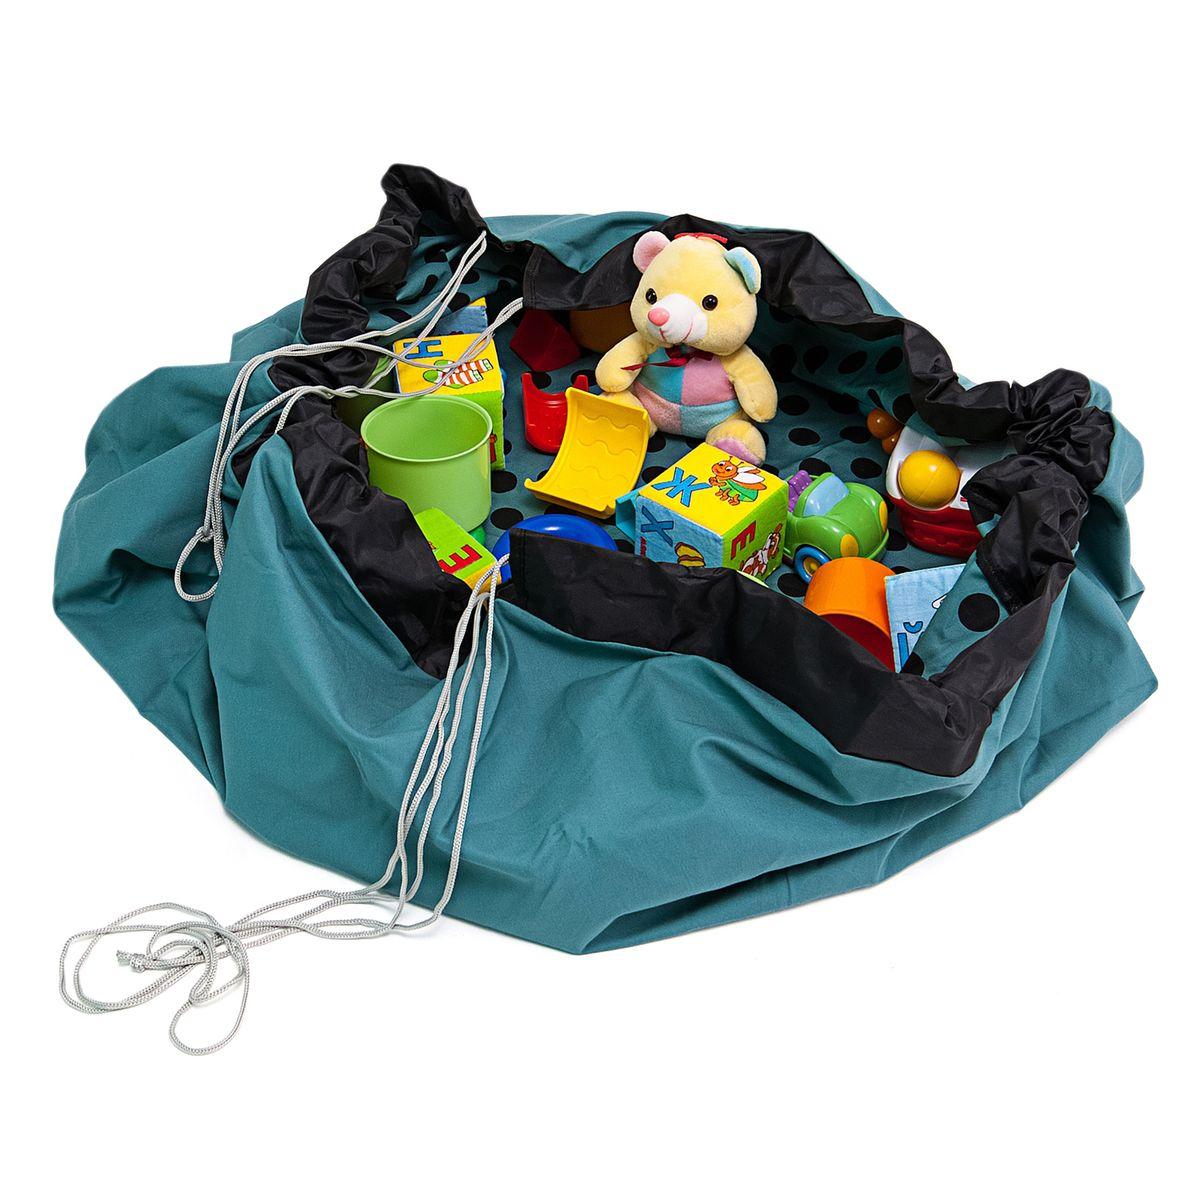 Сумка-коврик для игрушек Homsu Горошек, 135х135 см, цвет: бирюзовый, черный488615_красный, синийСумка-коврик это оригинальный способ хранения и транспортировки детских игрушек. В разложенном состоянии - это поле для игры, а когда нужно собрать игрушки, он затягивается на шнурок и превращается в удобную сумку. Выполнен из прочного, но мягкого канваса. Размер изделия: 135х135см